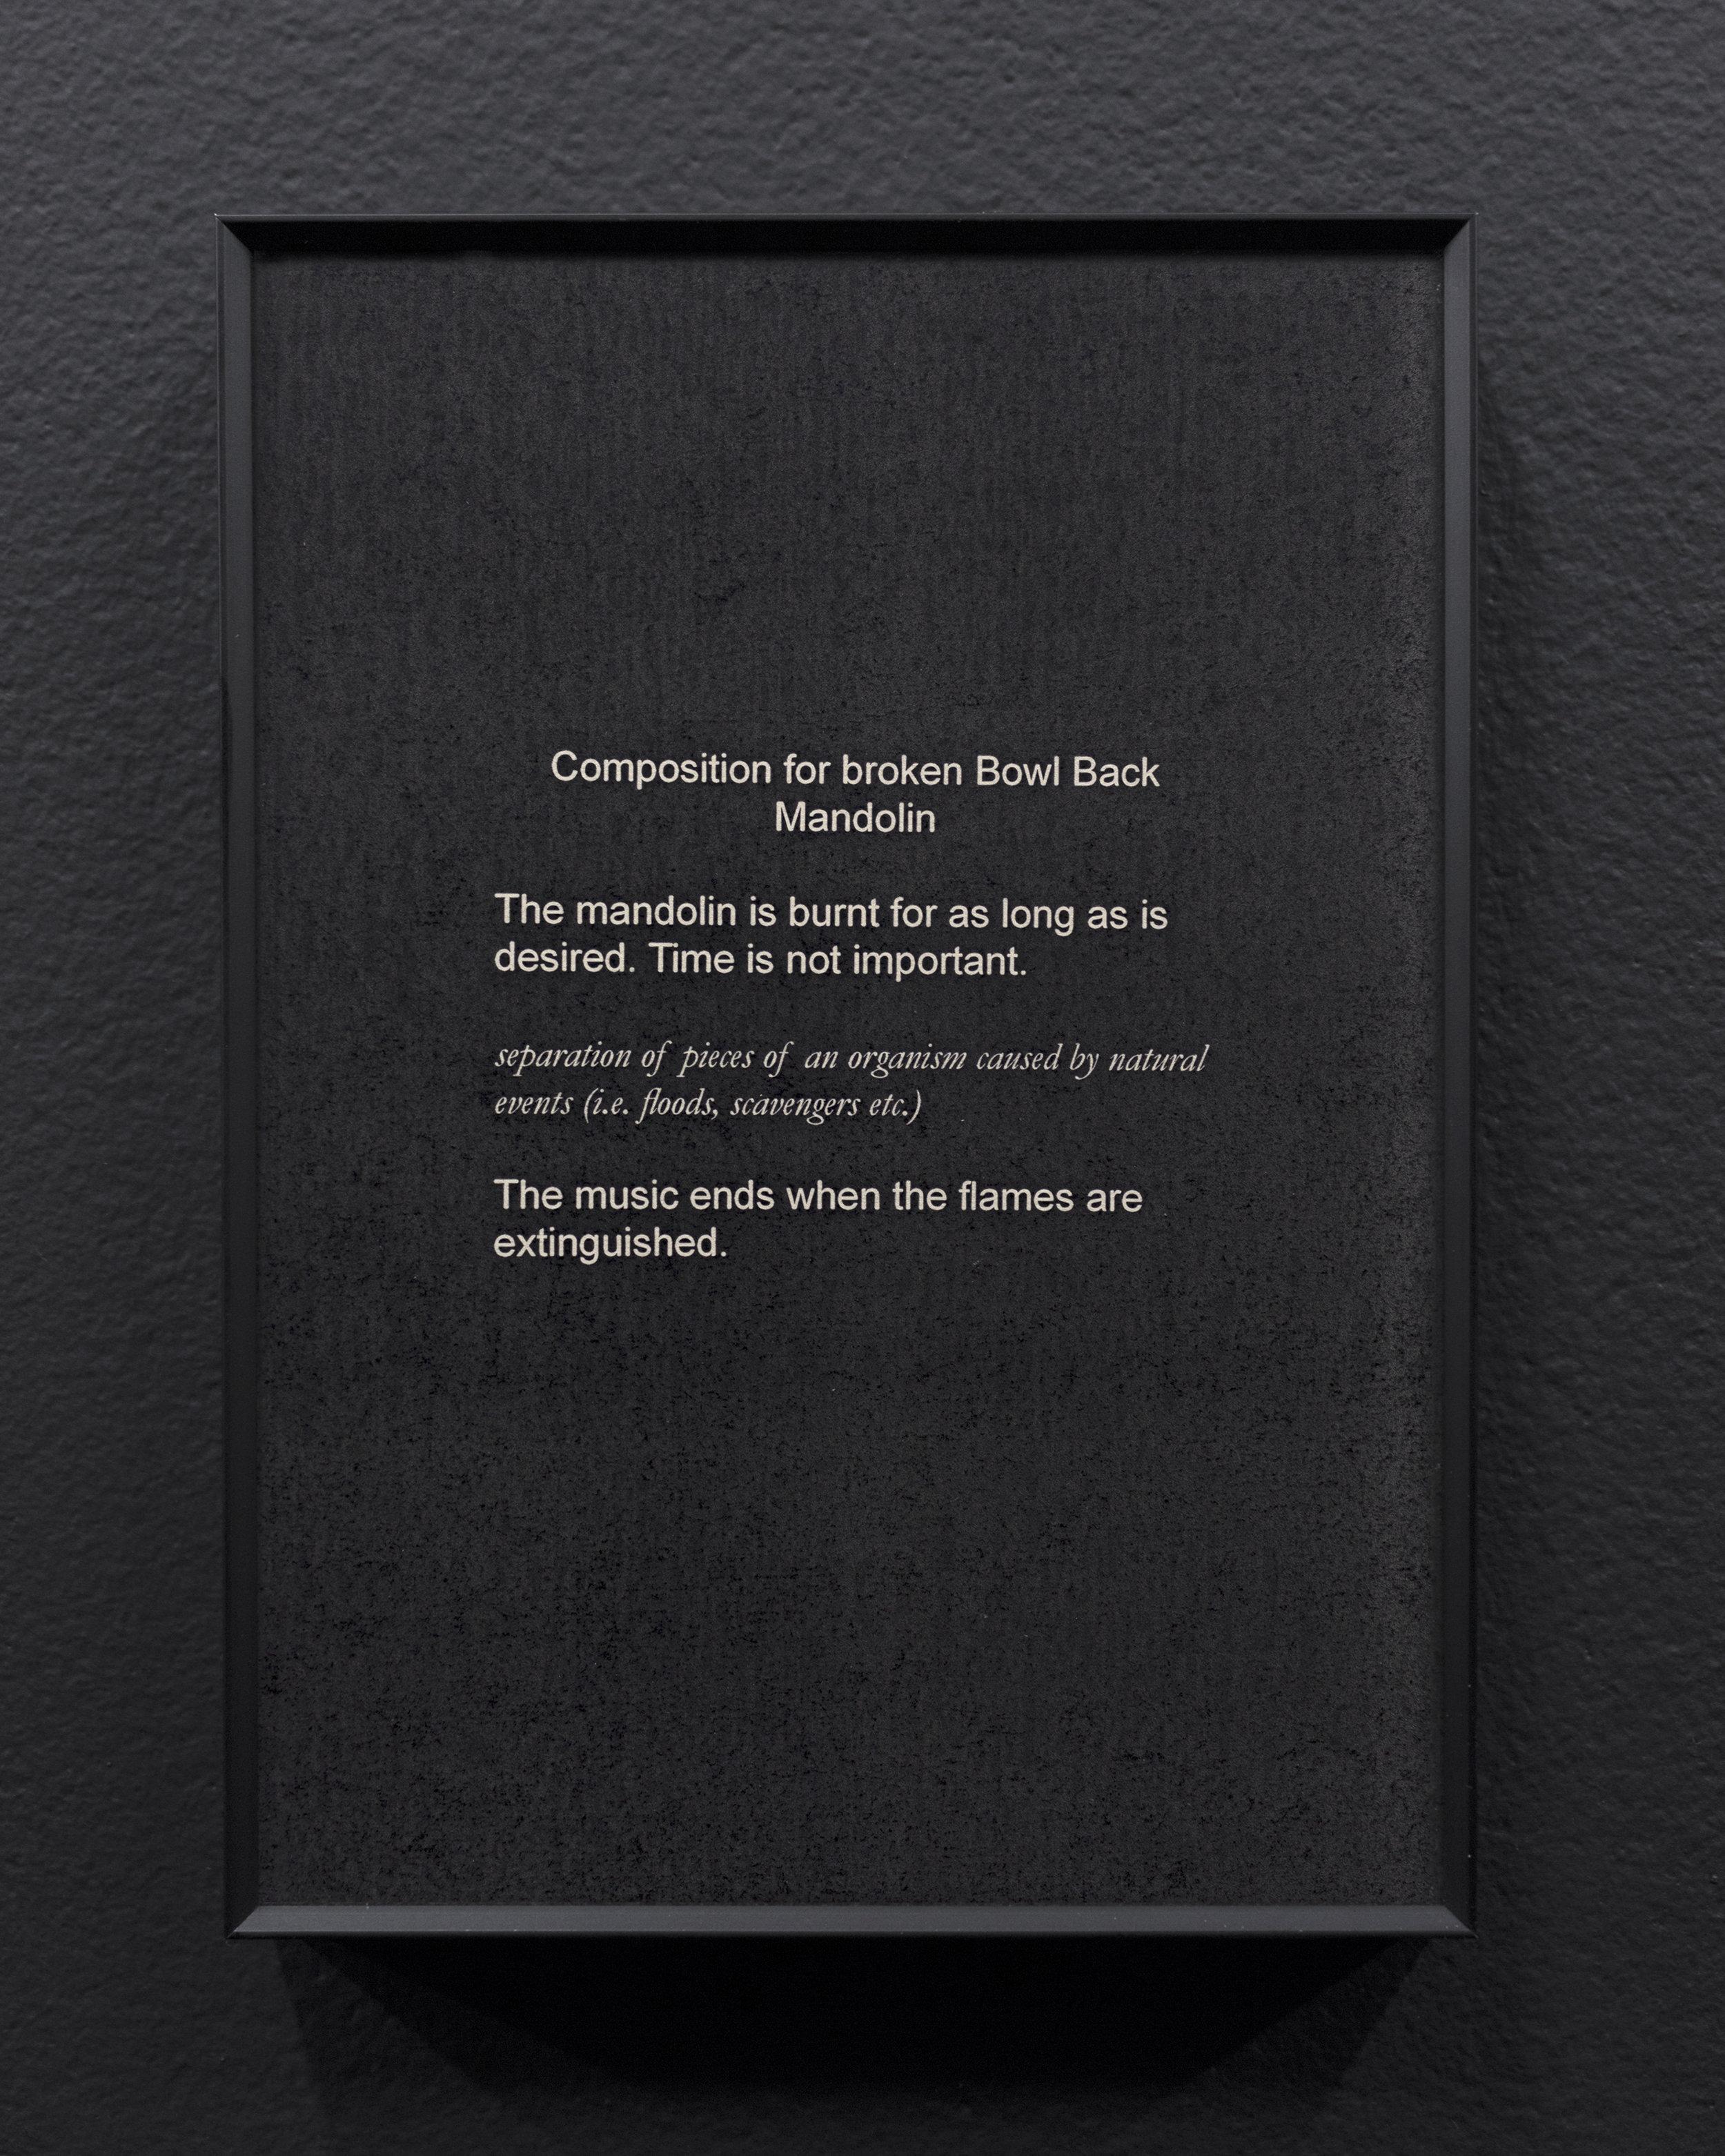 Micca Schippa,  Composition for broken Bowl Back Mandolin,  Inkjet print on photo rag. 2018